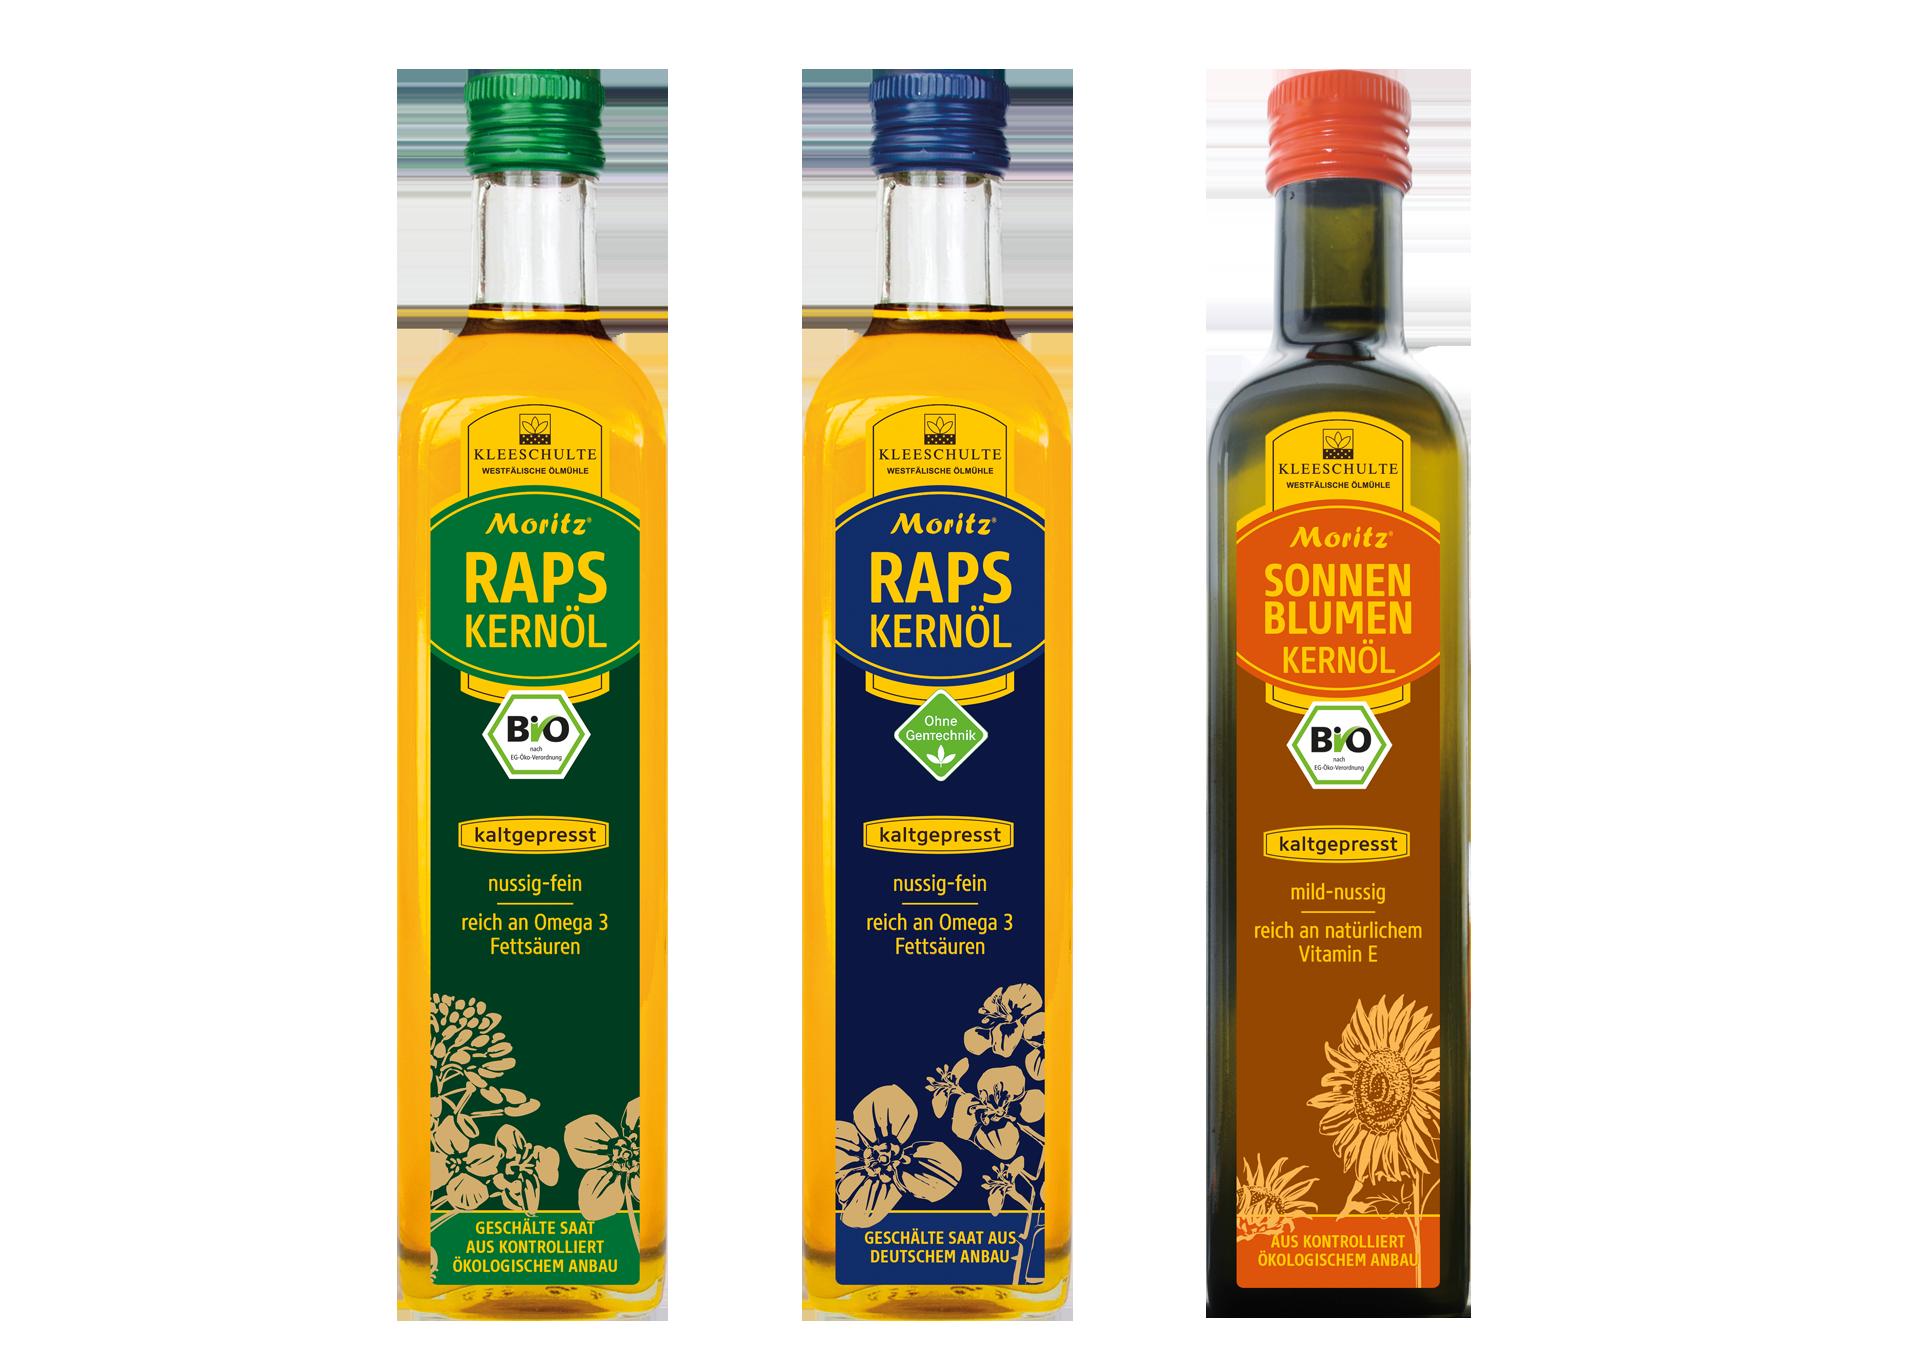 Raps- und Sonnenblumenkernöl